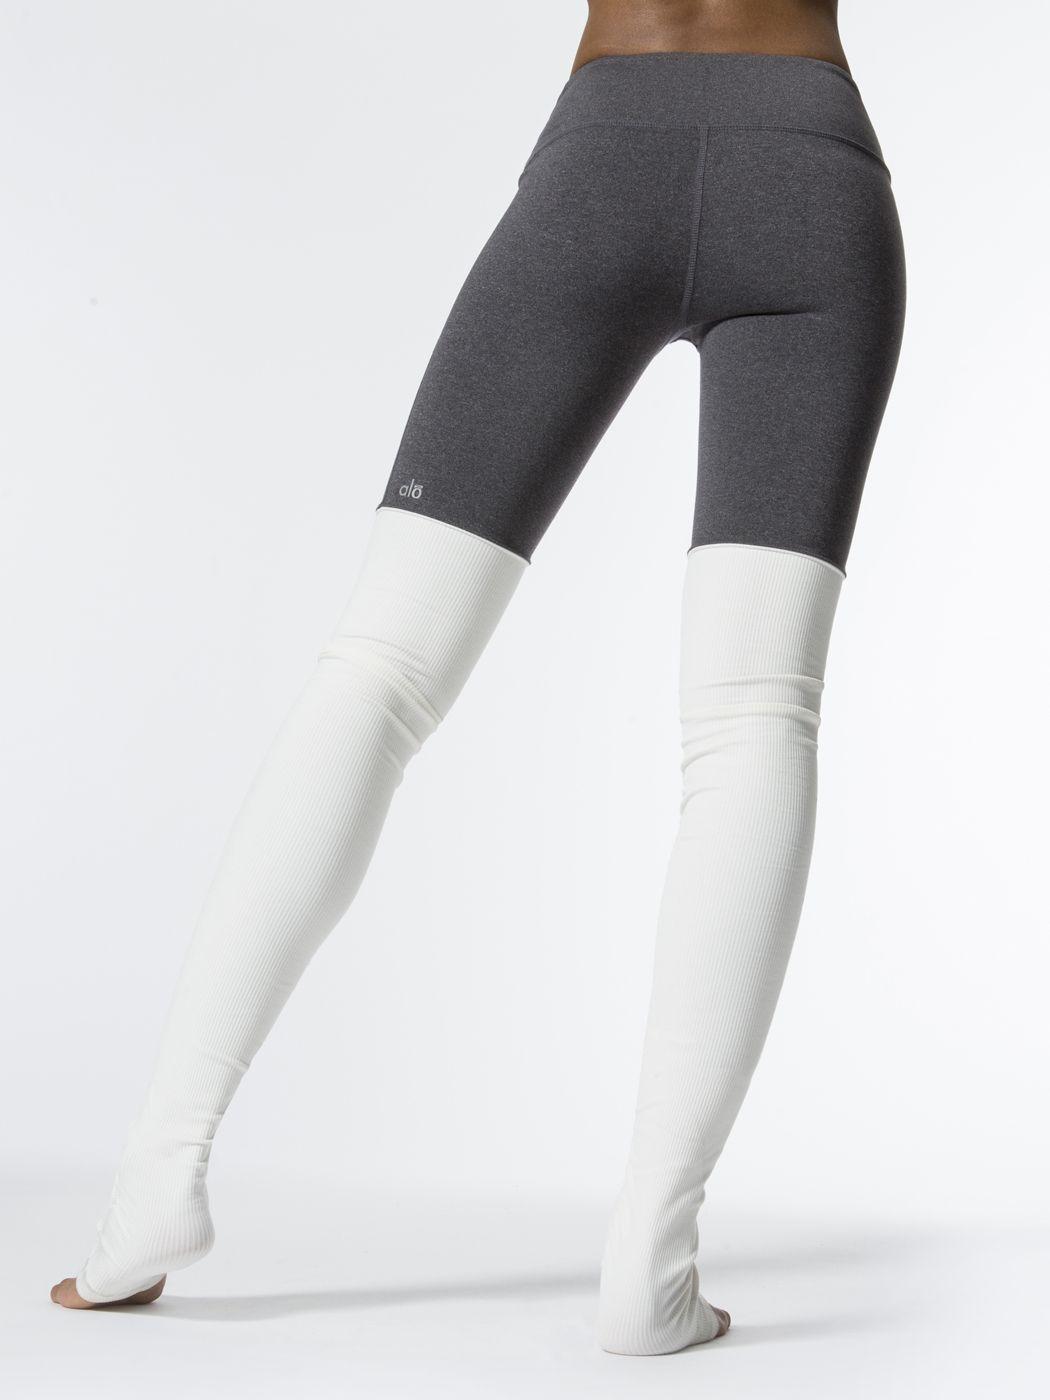 577c52fe83d2c ALO YOGA Goddess Legging Stormy Heather/Natural LEGGINGS